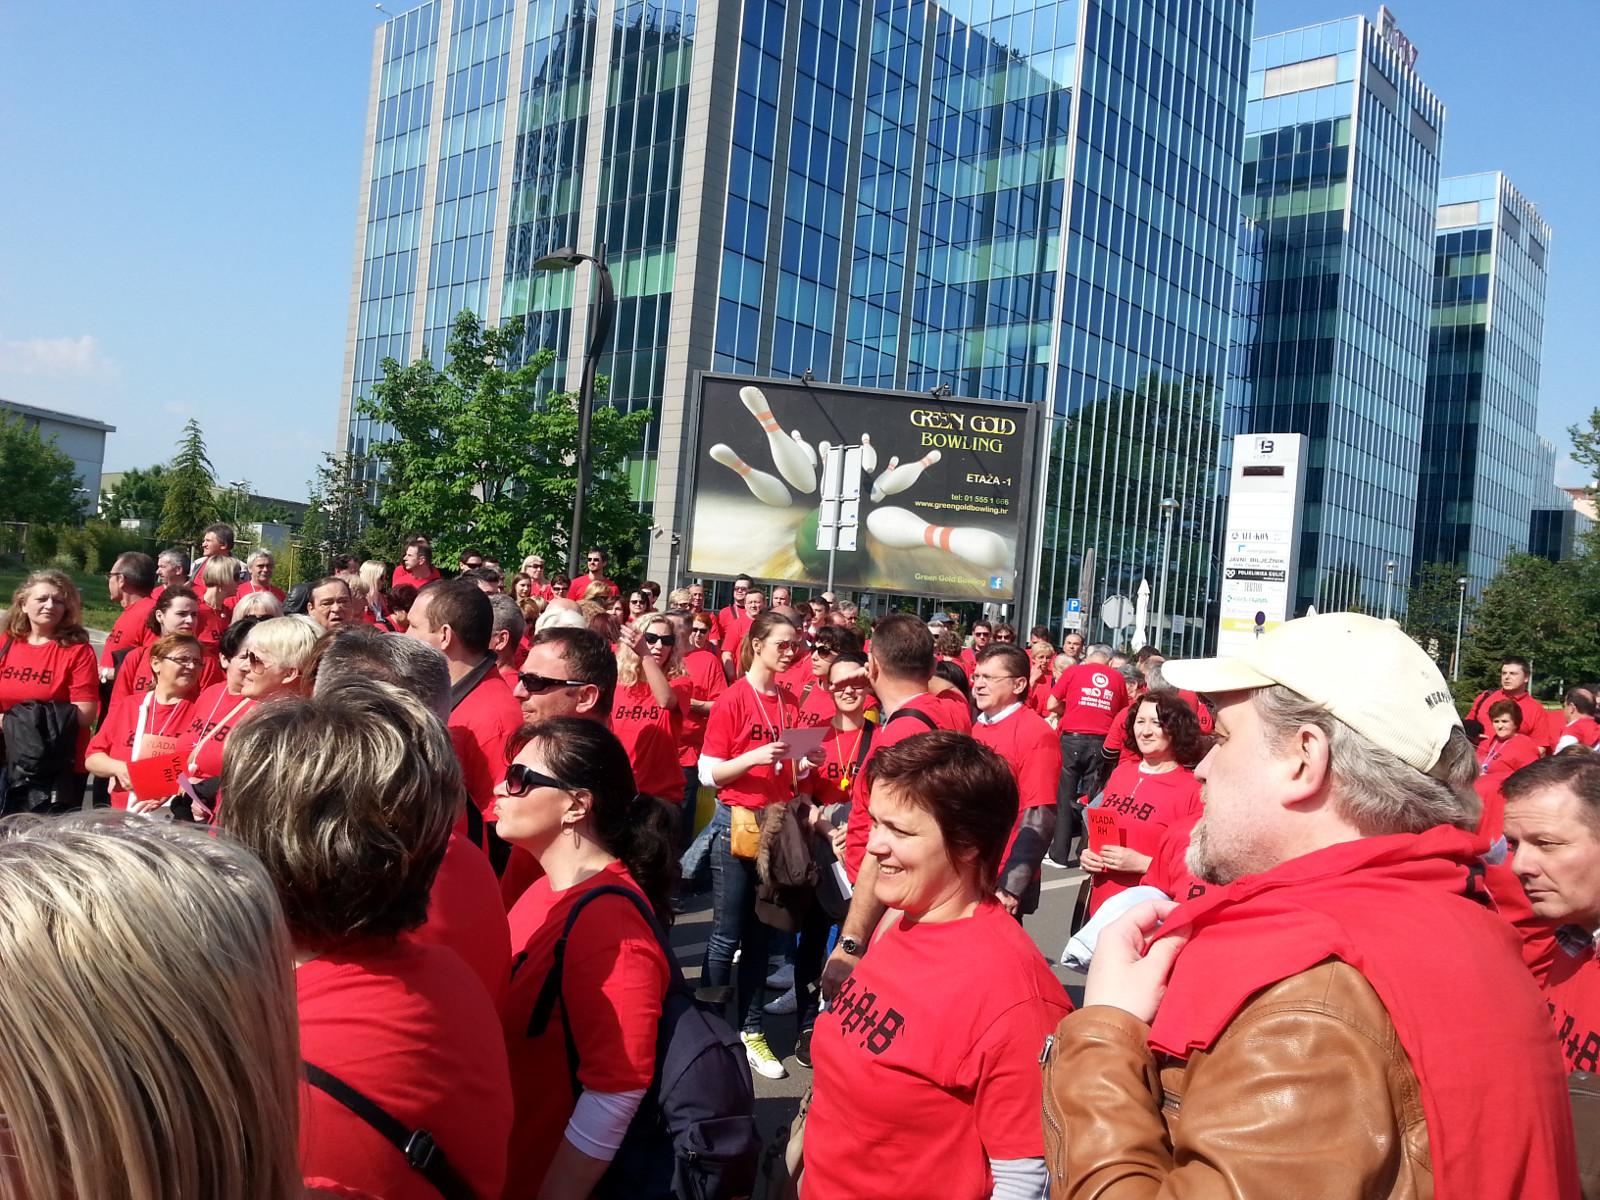 Obilježen međunarodni praznik rada - 1. svibnja 2014.